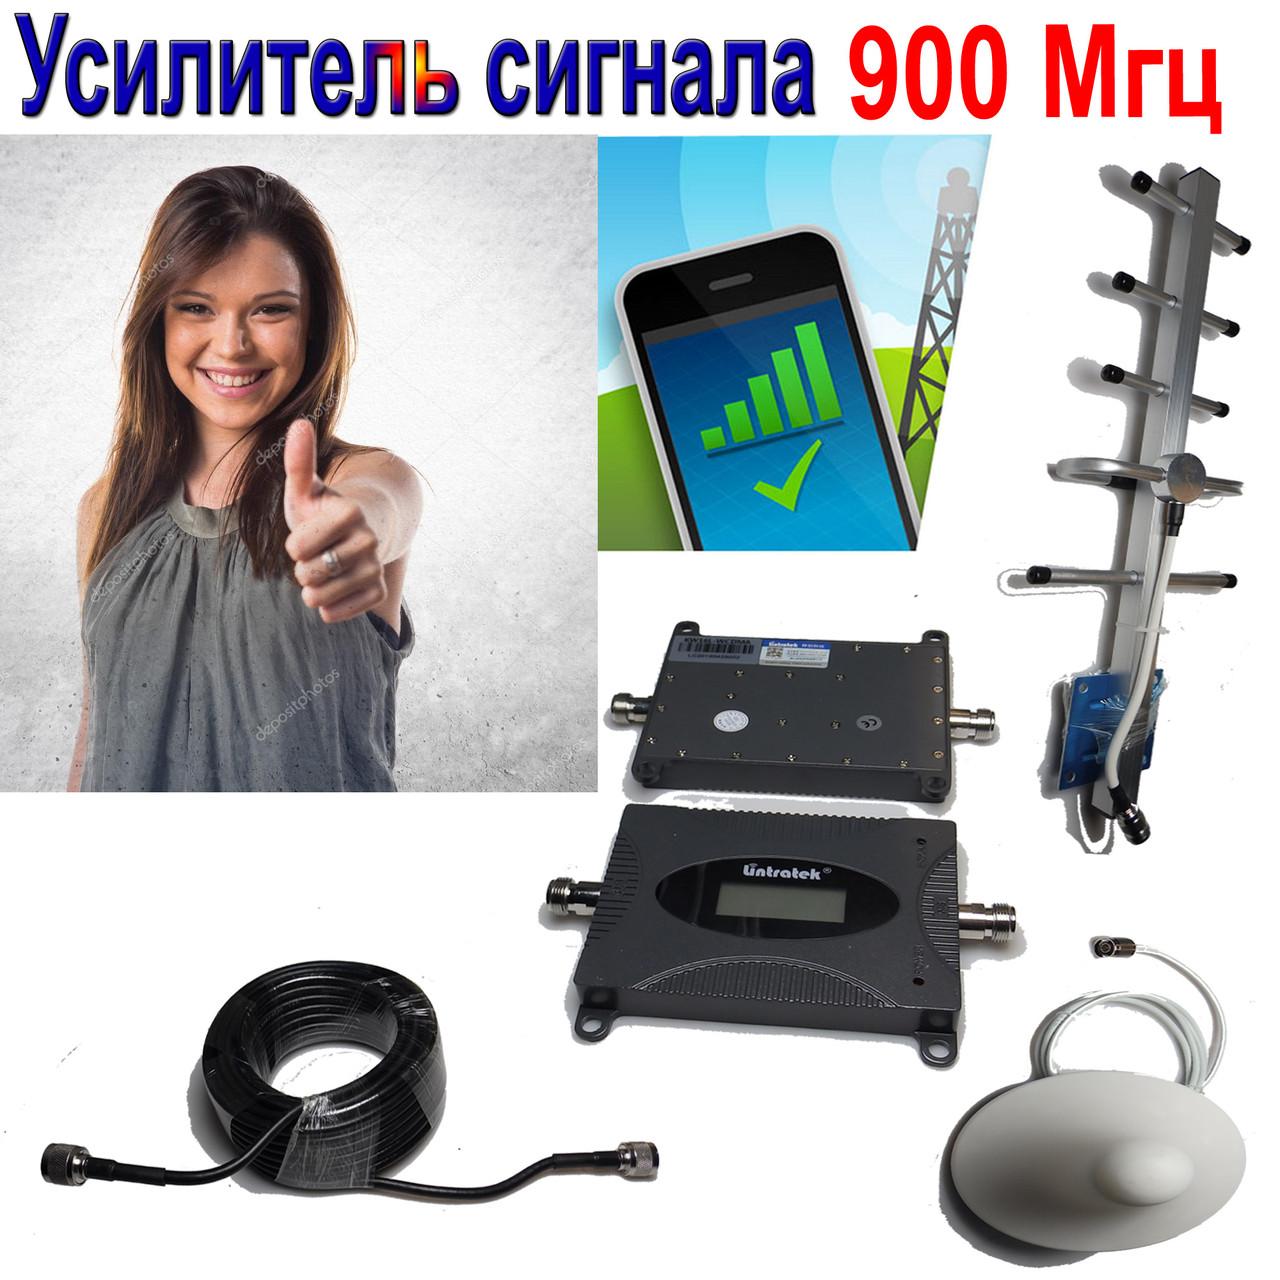 Усилитель сигнала GSM мобильной связи в Харькове. Репитер Repeater Lintratek + Подарок + Скидка